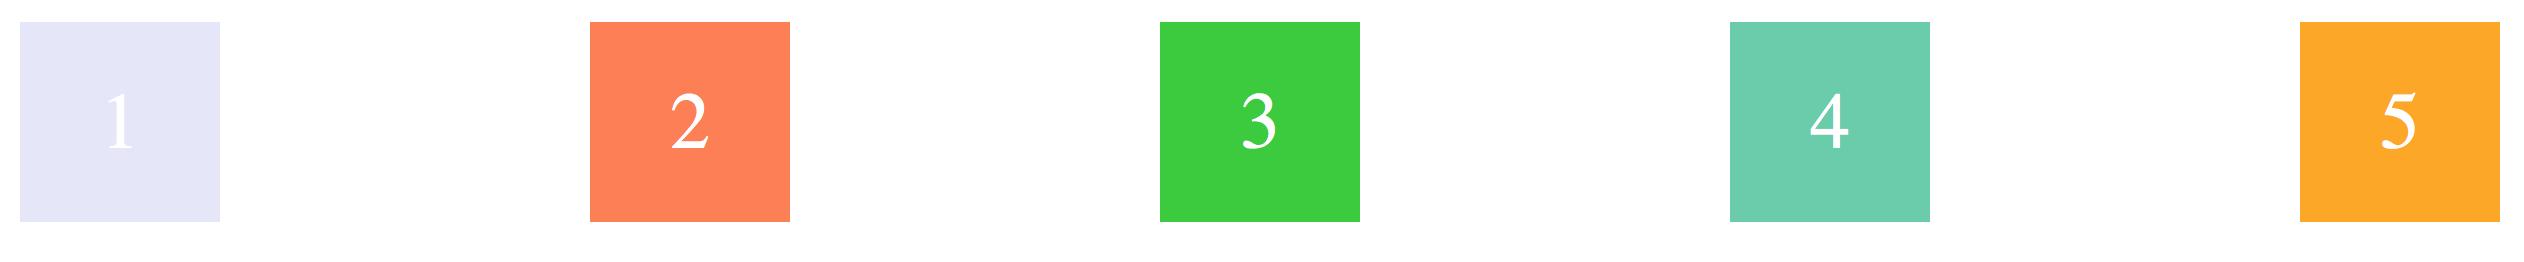 space-between:两端对齐,项目之间的间隔相等,即剩余空间等分成间隙。